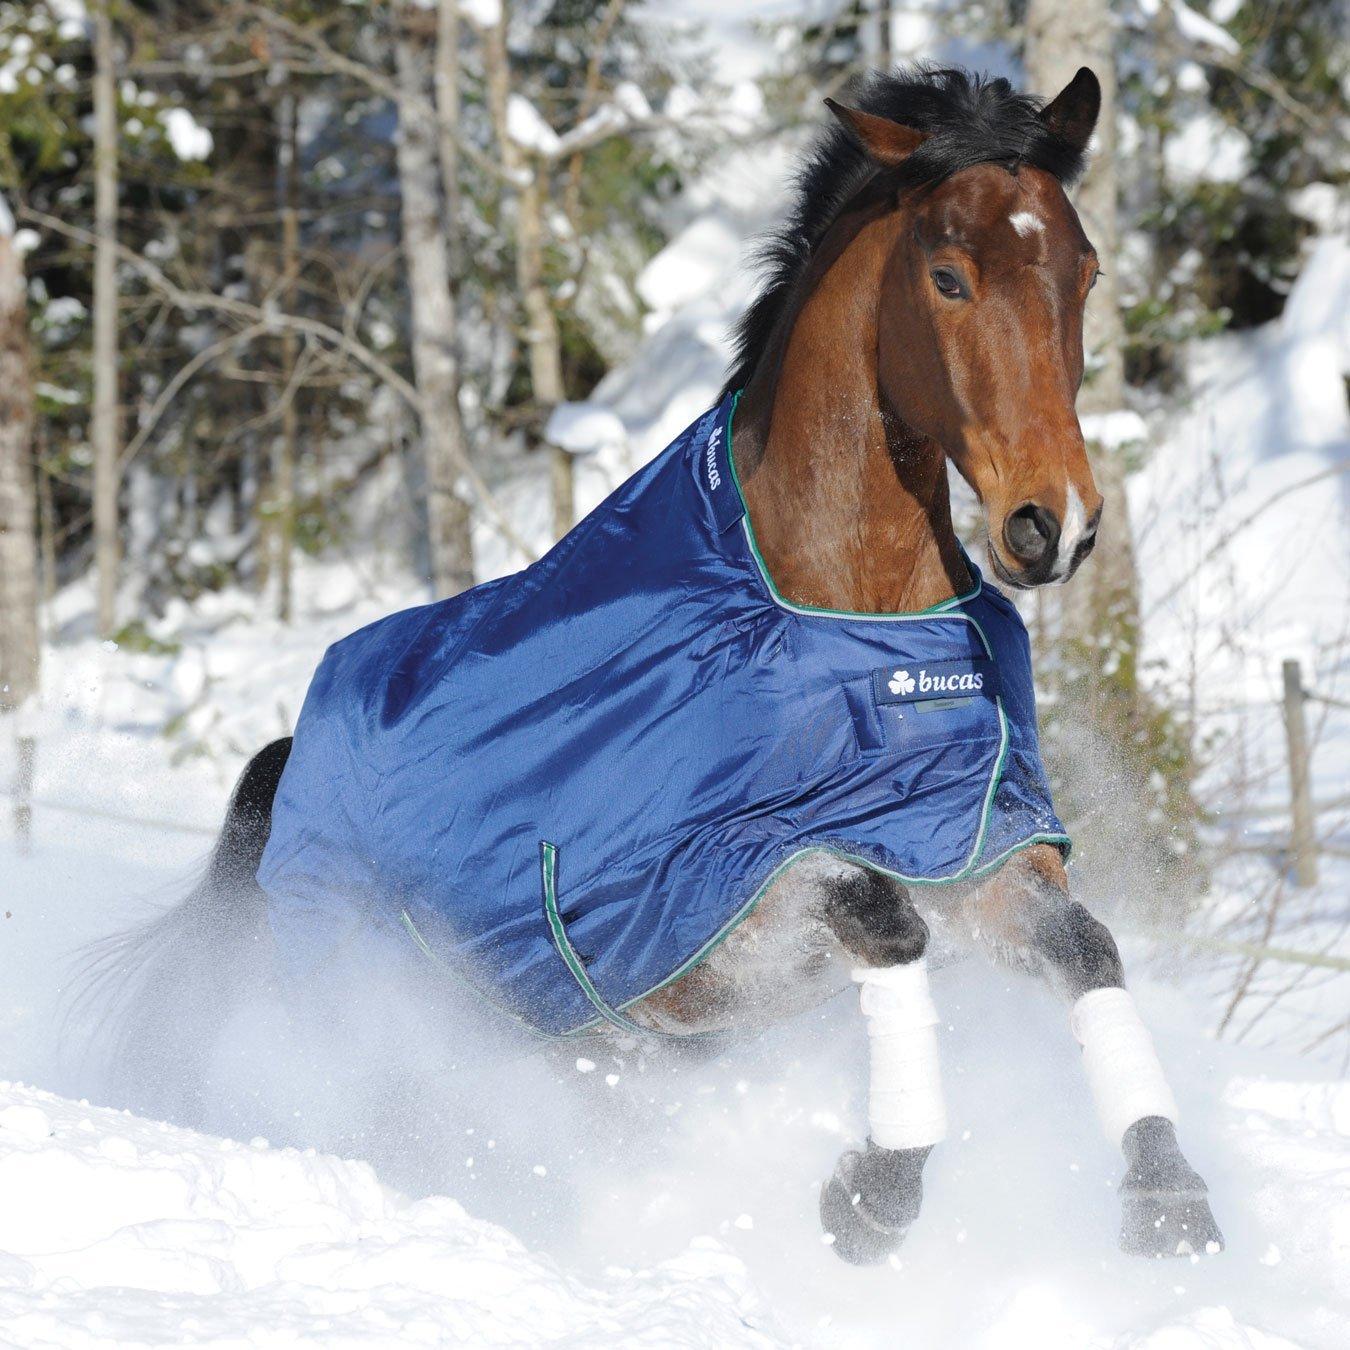 Bucas Winterdecke